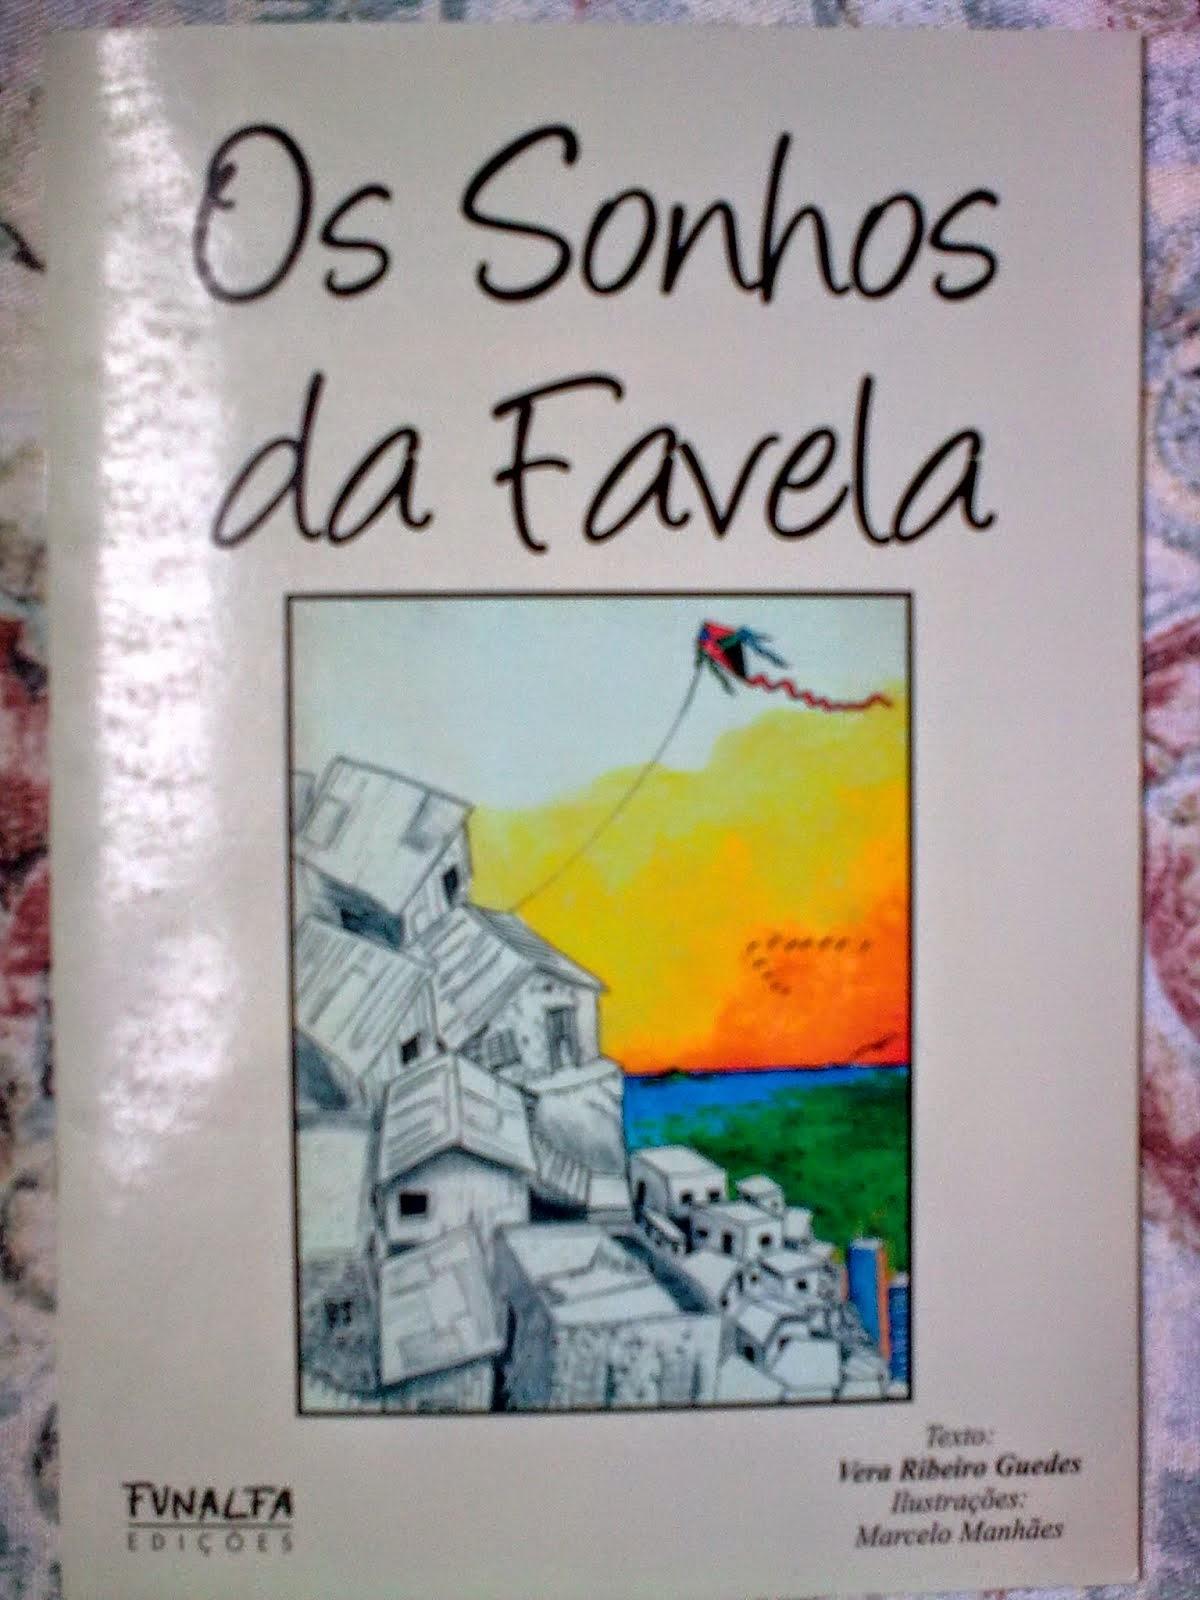 OS SONHOS DA FAVELA